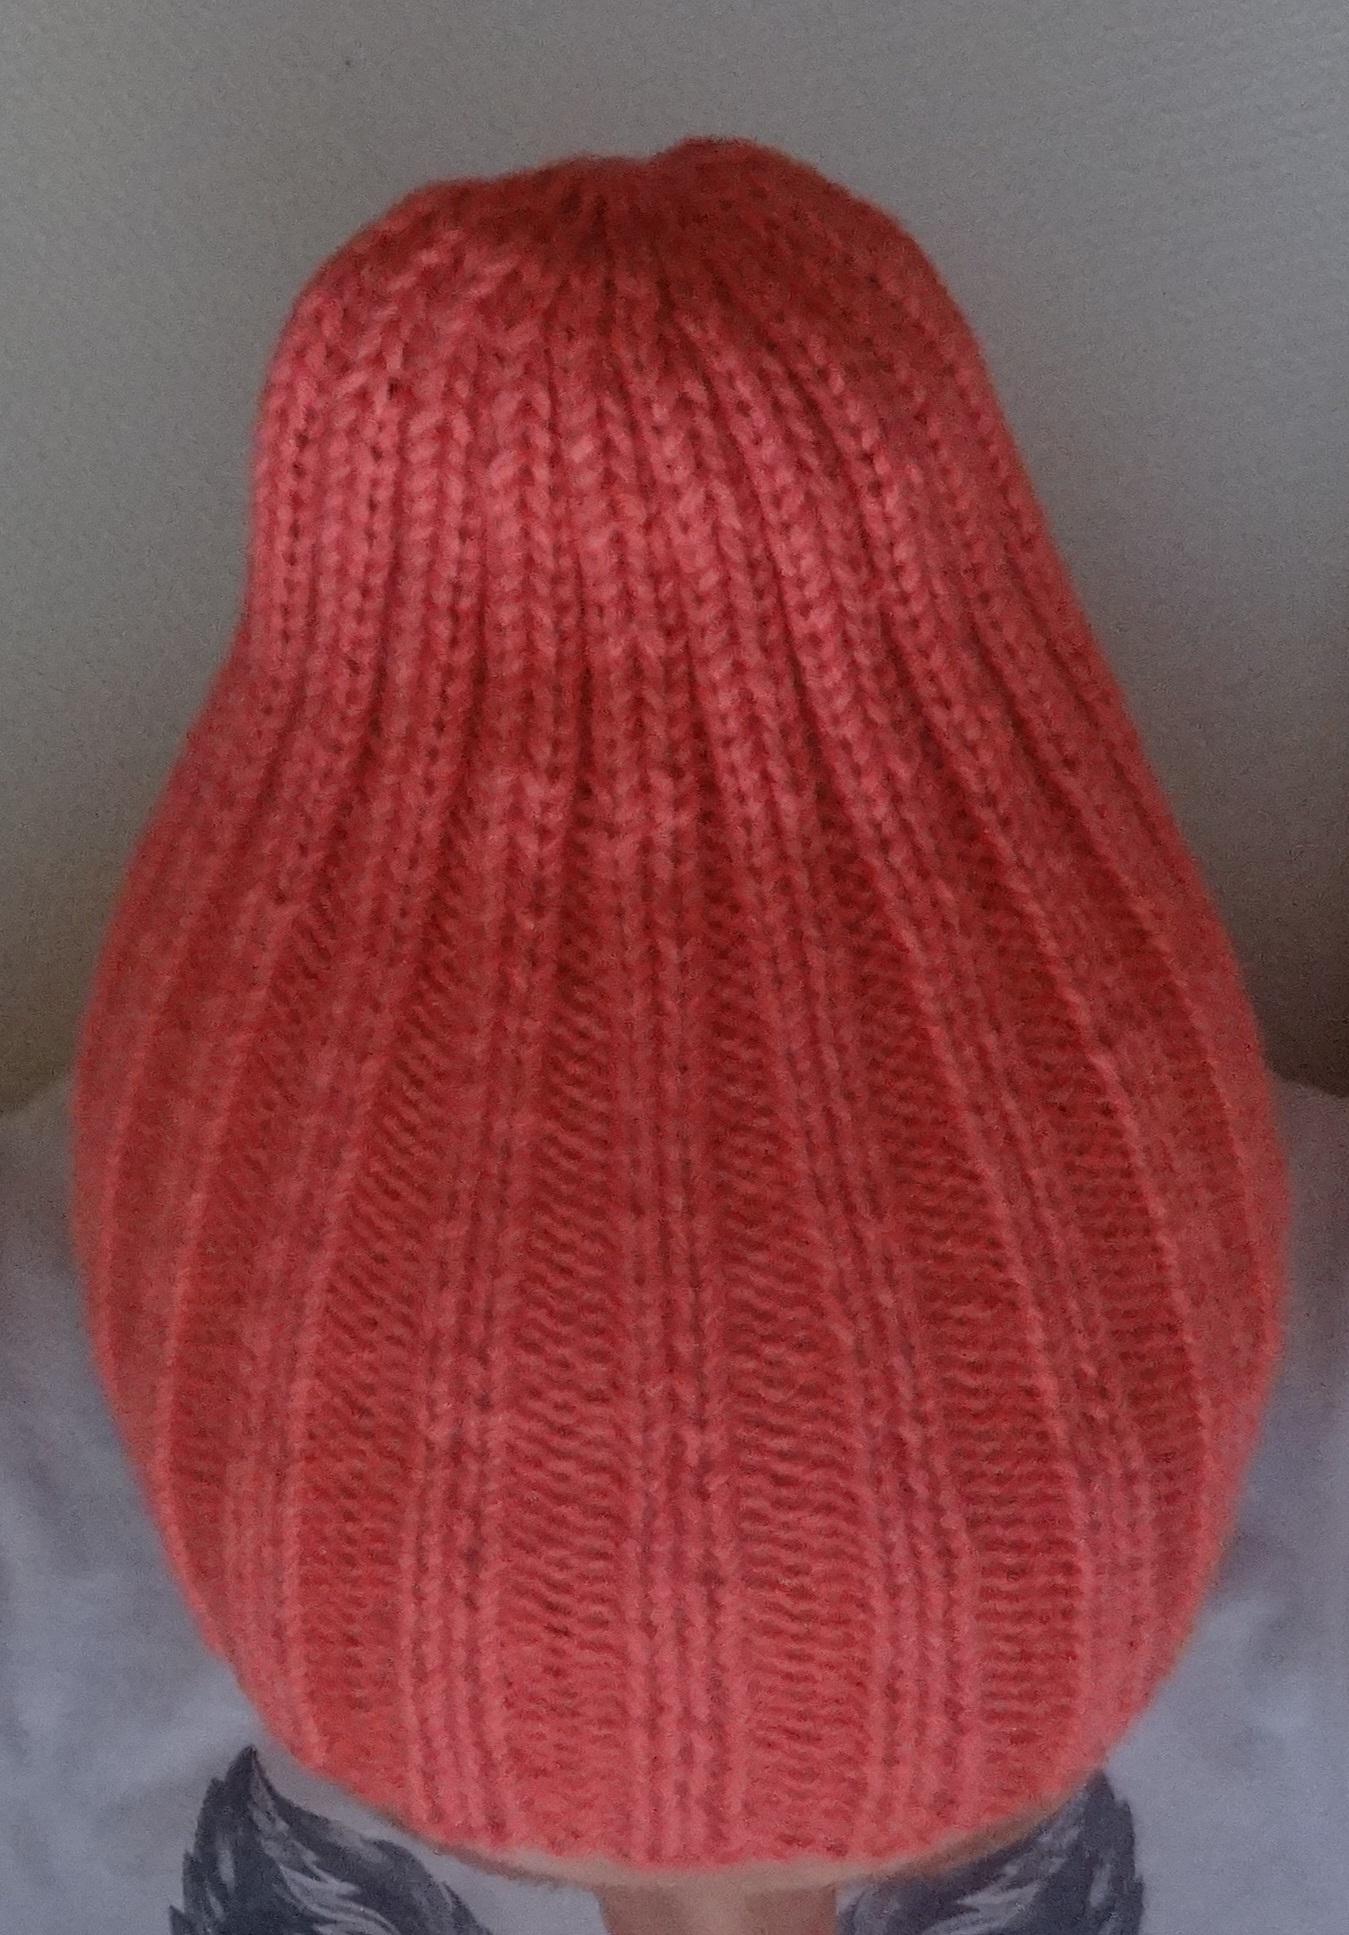 шапка резинкой спицами схема и описание все о вязании